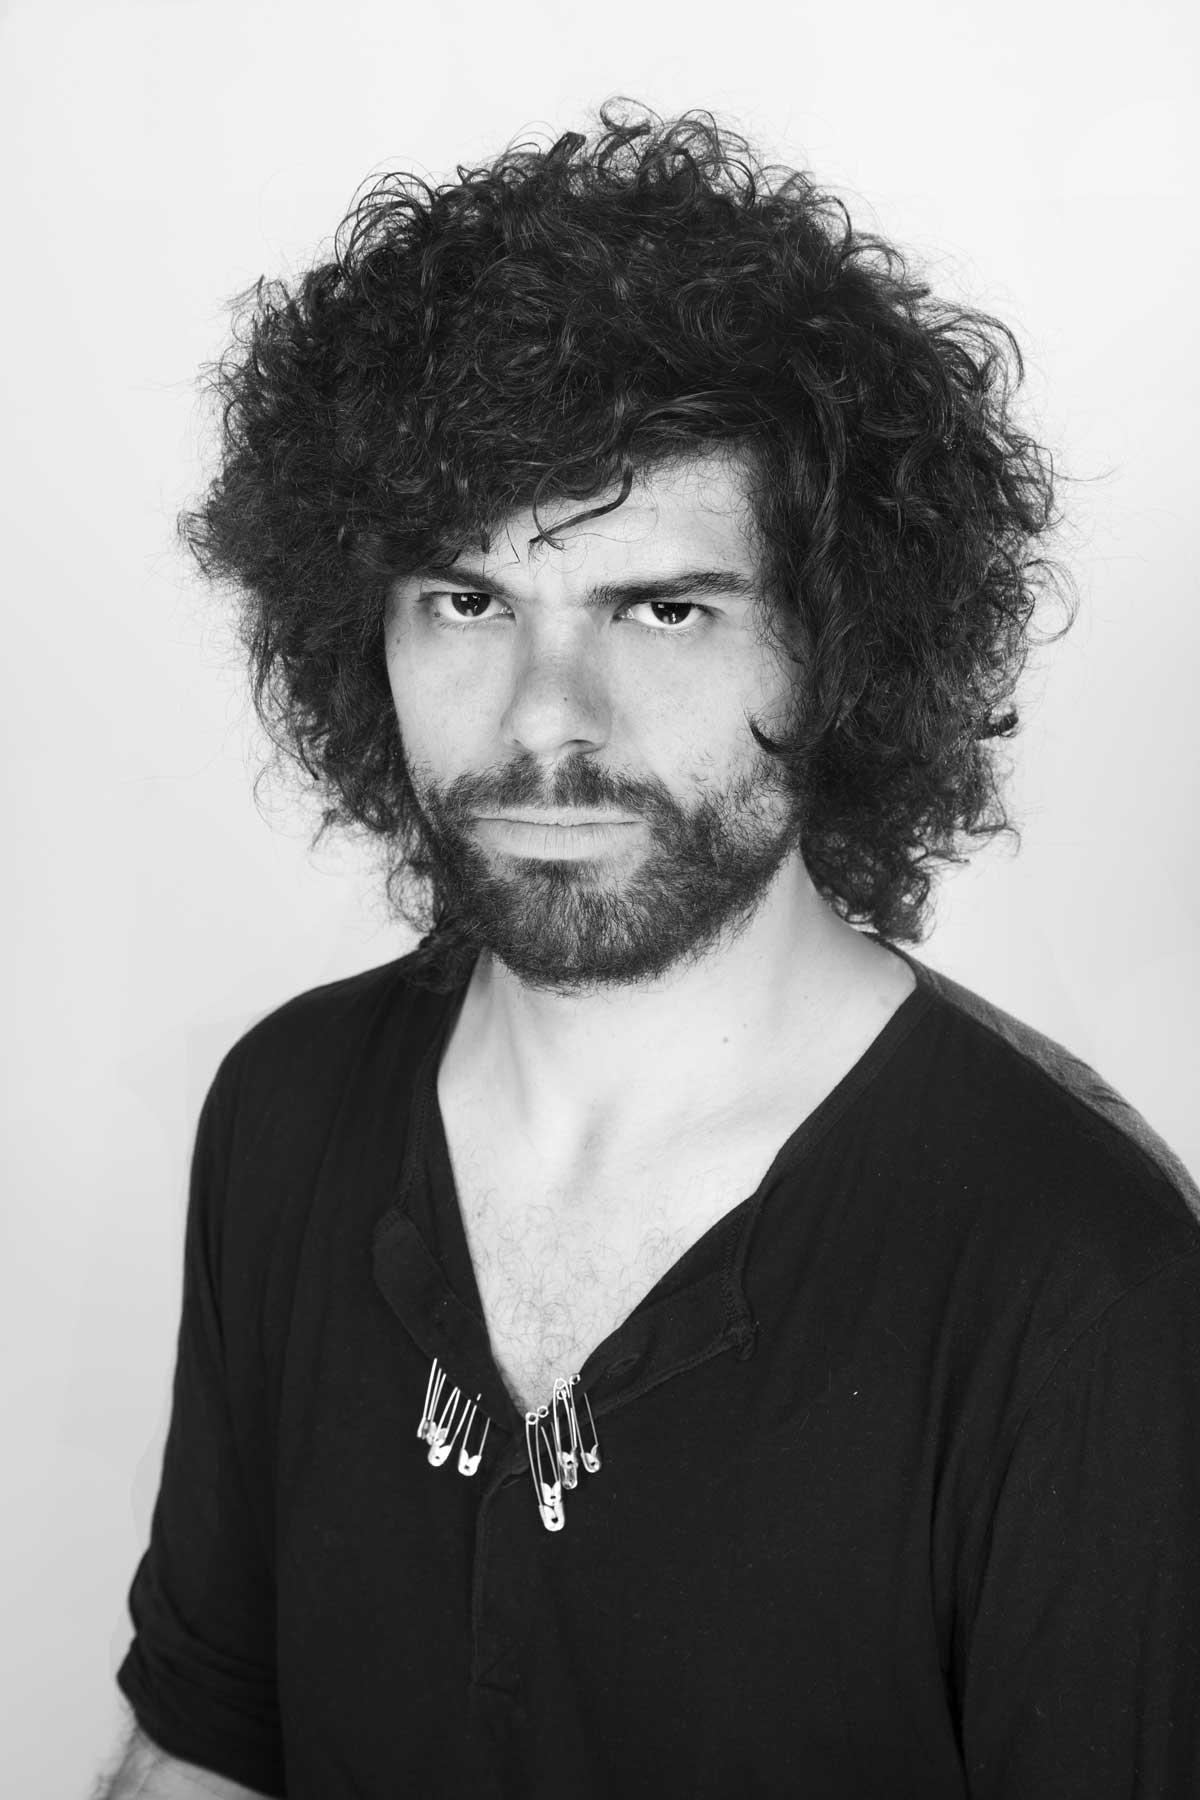 Alessio Vitale attore italiano